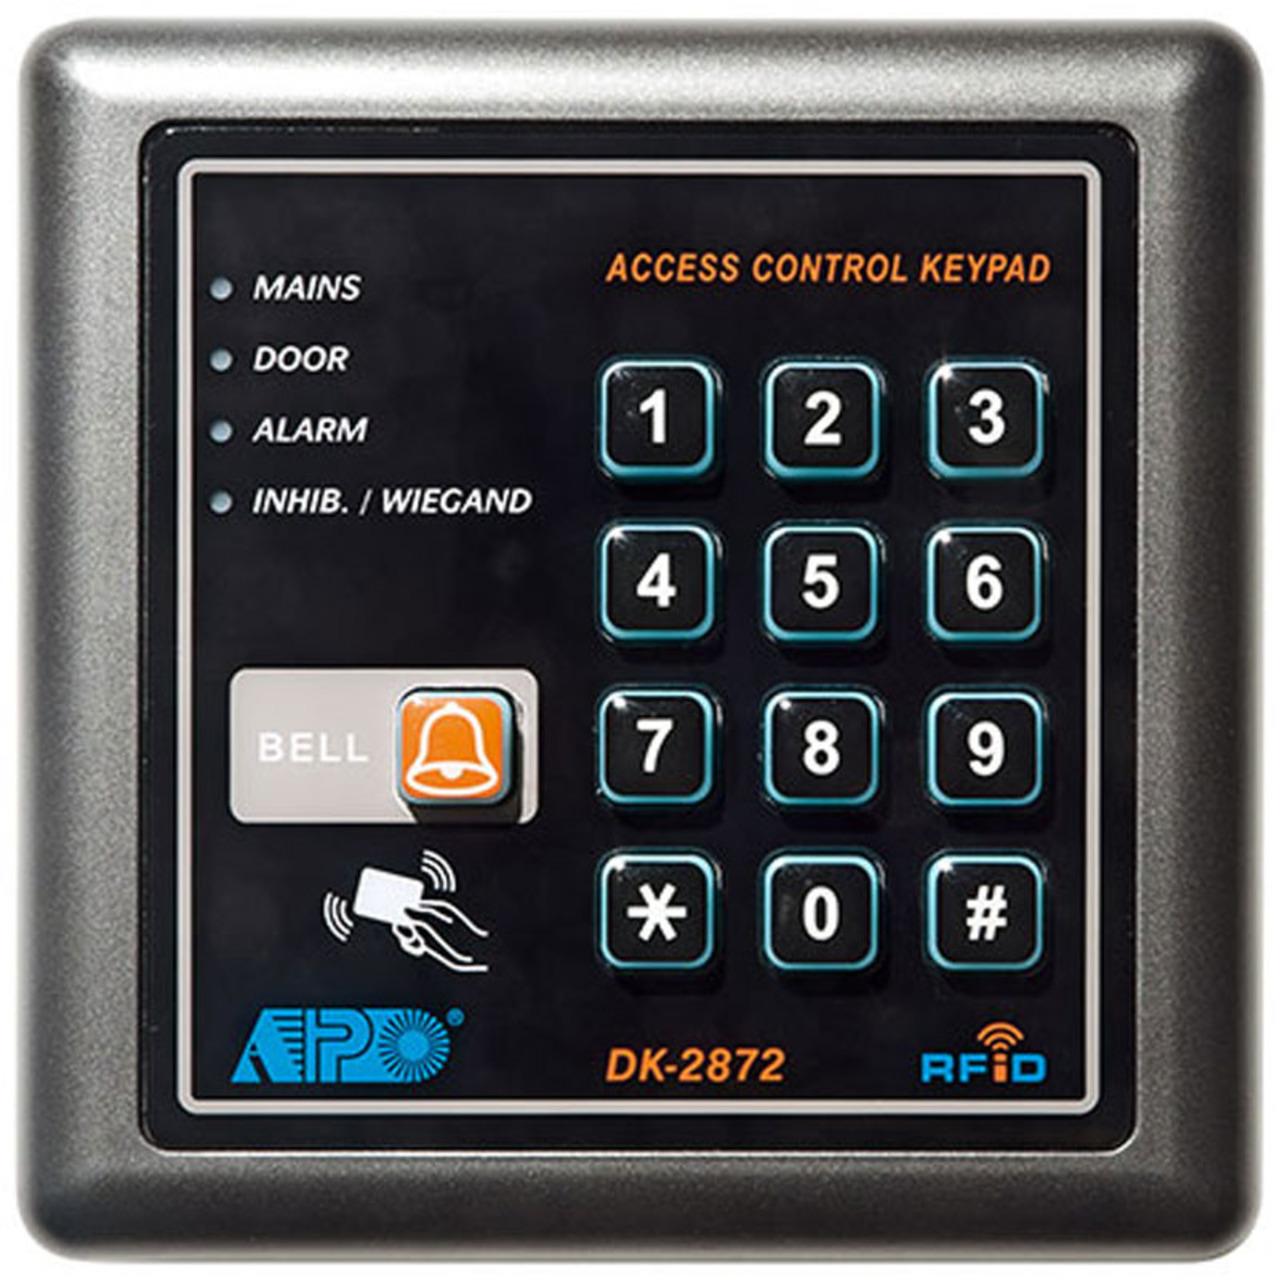 ELV Digitales Codeschloss DK-2872 mit Klingelfunktion und RFID-Card-Reader